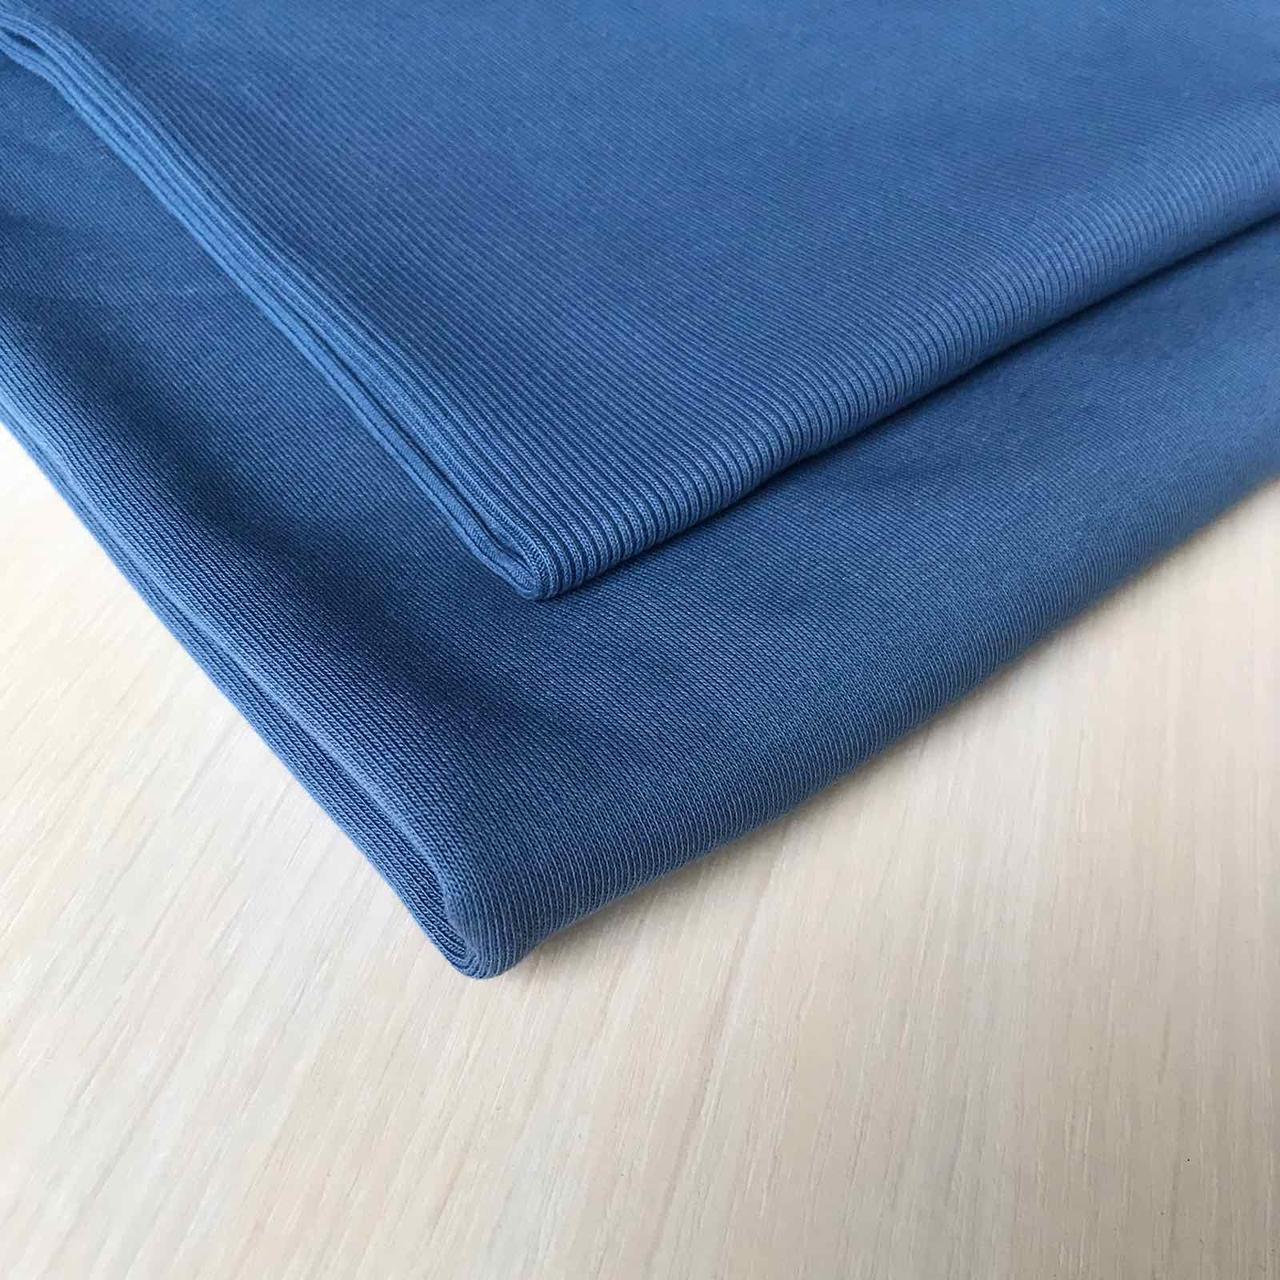 Трехнитка с начесом Светлый джинс, плотность 320 г/м2